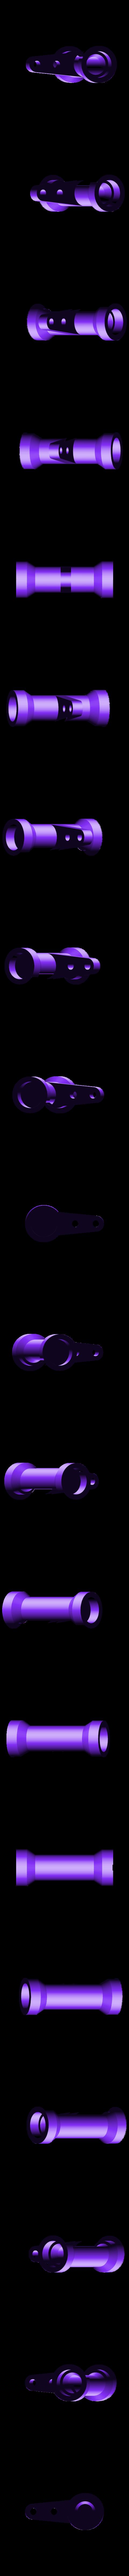 MRCC_OBTS_ST_TOWER1_5104.stl Download STL file MyRCCar 1/10 On-Road Build for Tesla Model S Body RC Car • 3D print object, dlb5